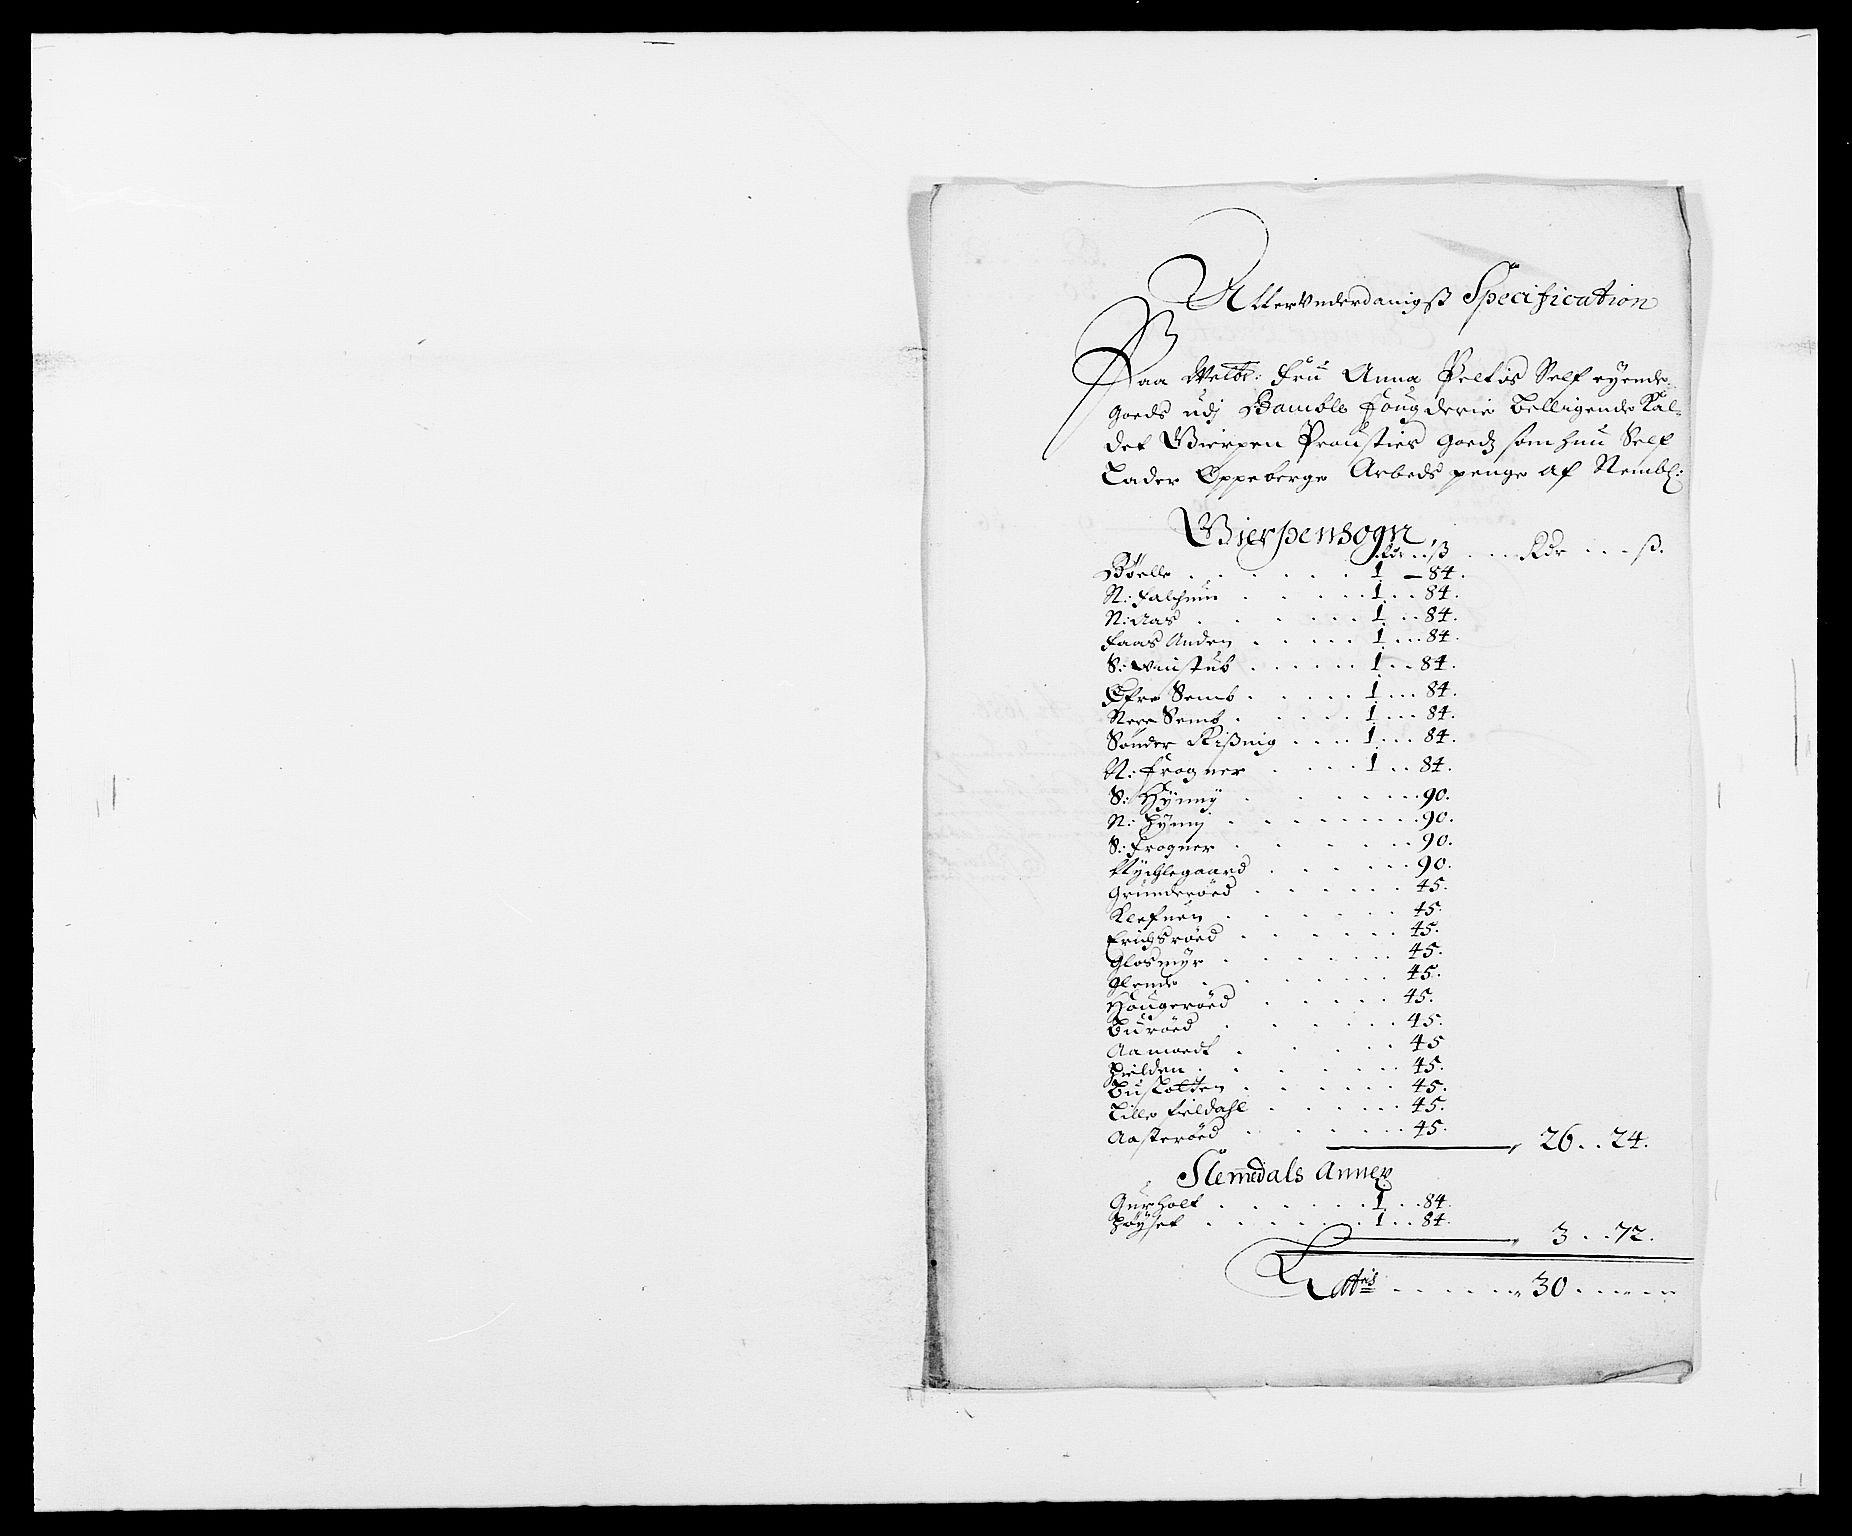 RA, Rentekammeret inntil 1814, Reviderte regnskaper, Fogderegnskap, R34/L2048: Fogderegnskap Bamble, 1685-1687, s. 185